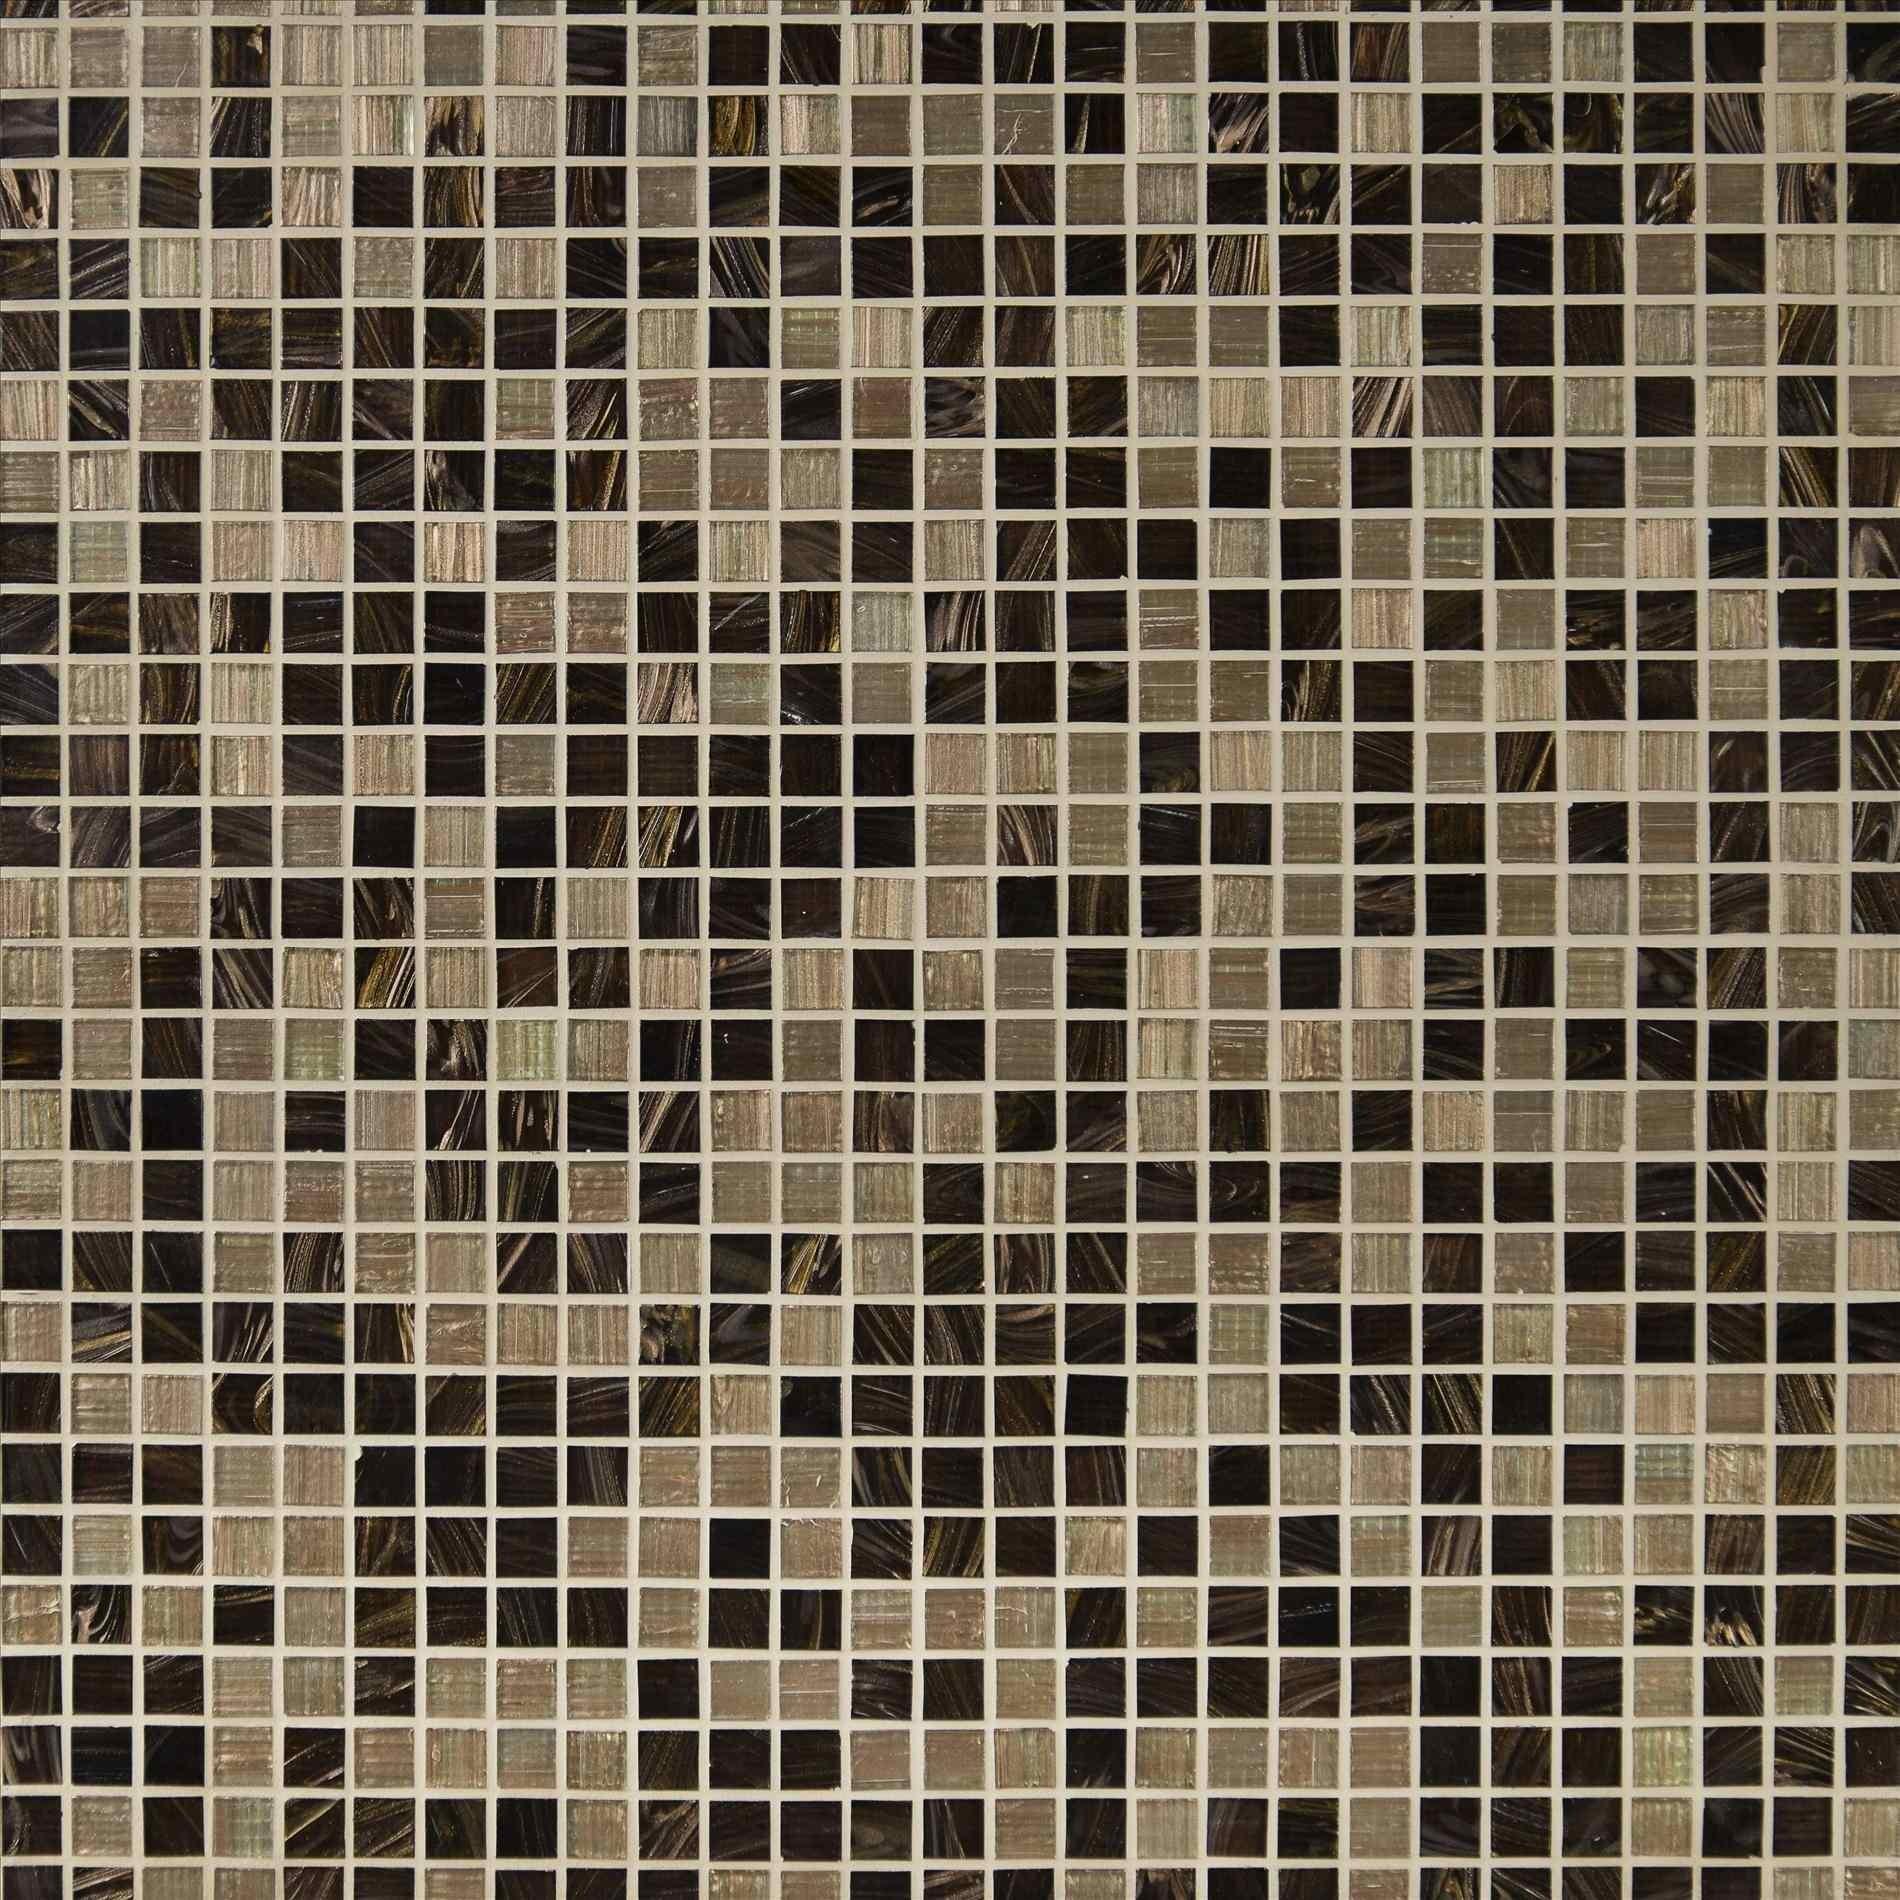 Tiles Moasaics Glass Mosaic Tile Texture Wall S Foil Hong Kong ...